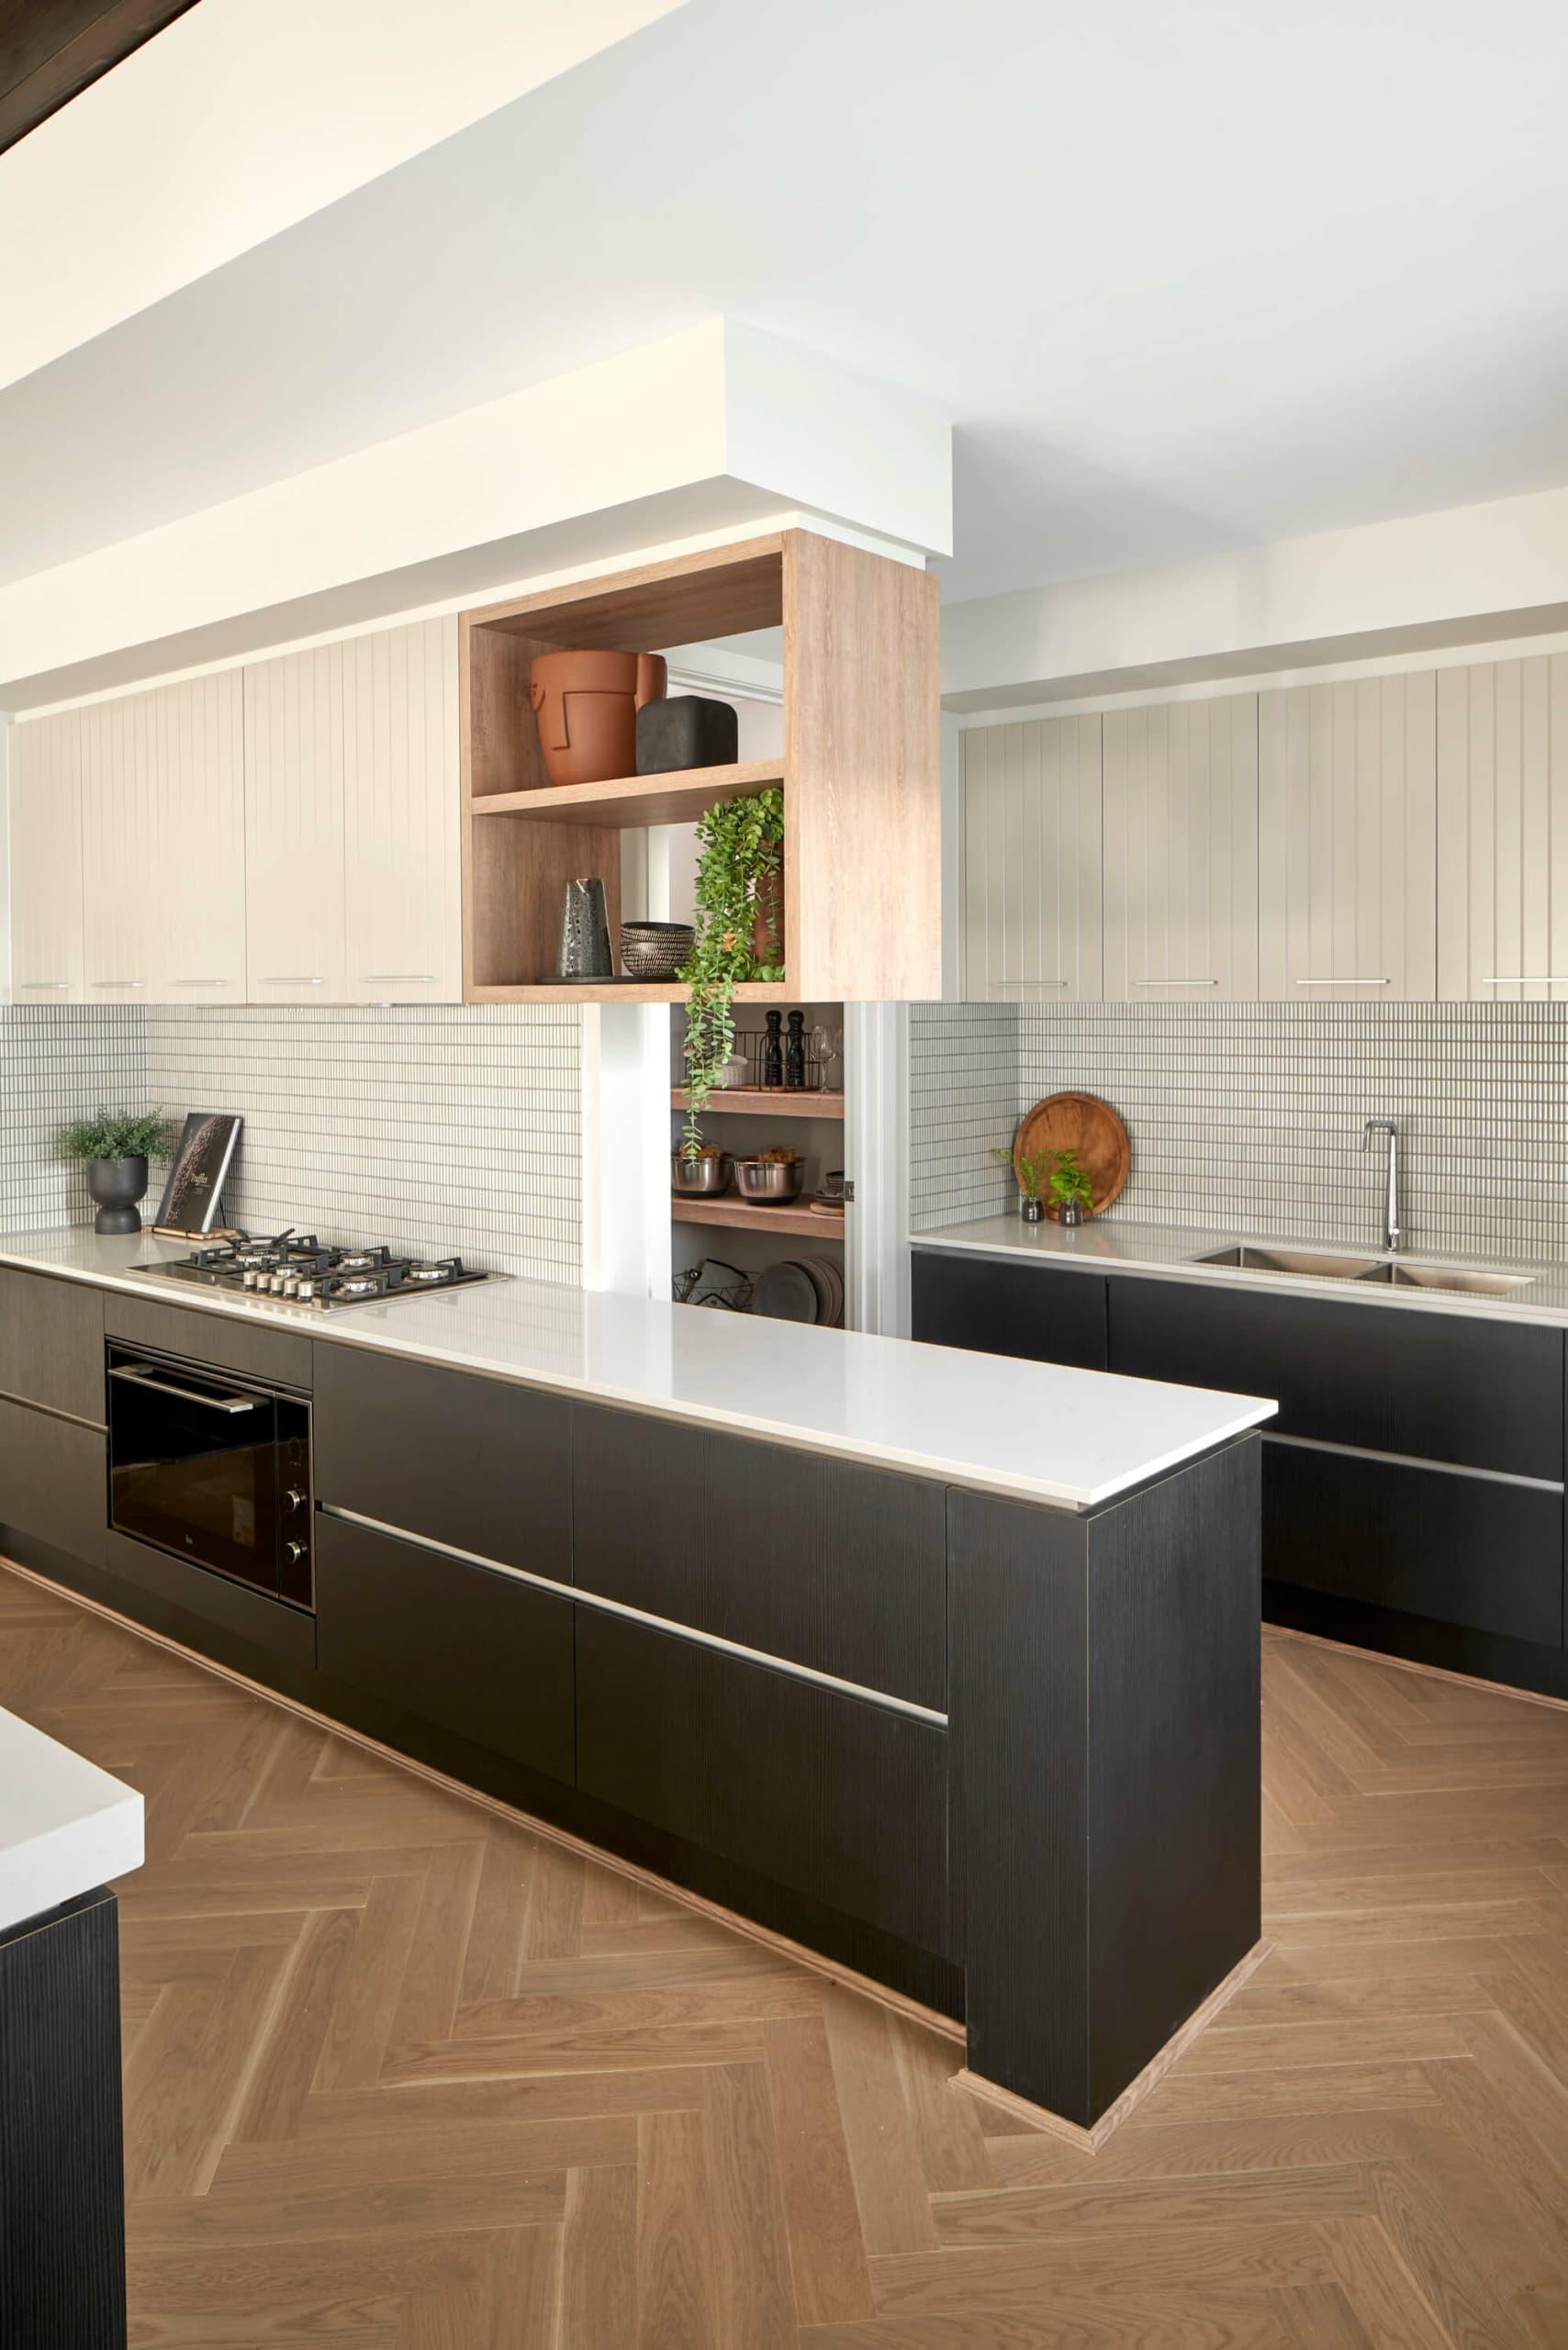 metricon kitchen with dark brown lower cabinets and light brown upper cabinets organic kitchen design